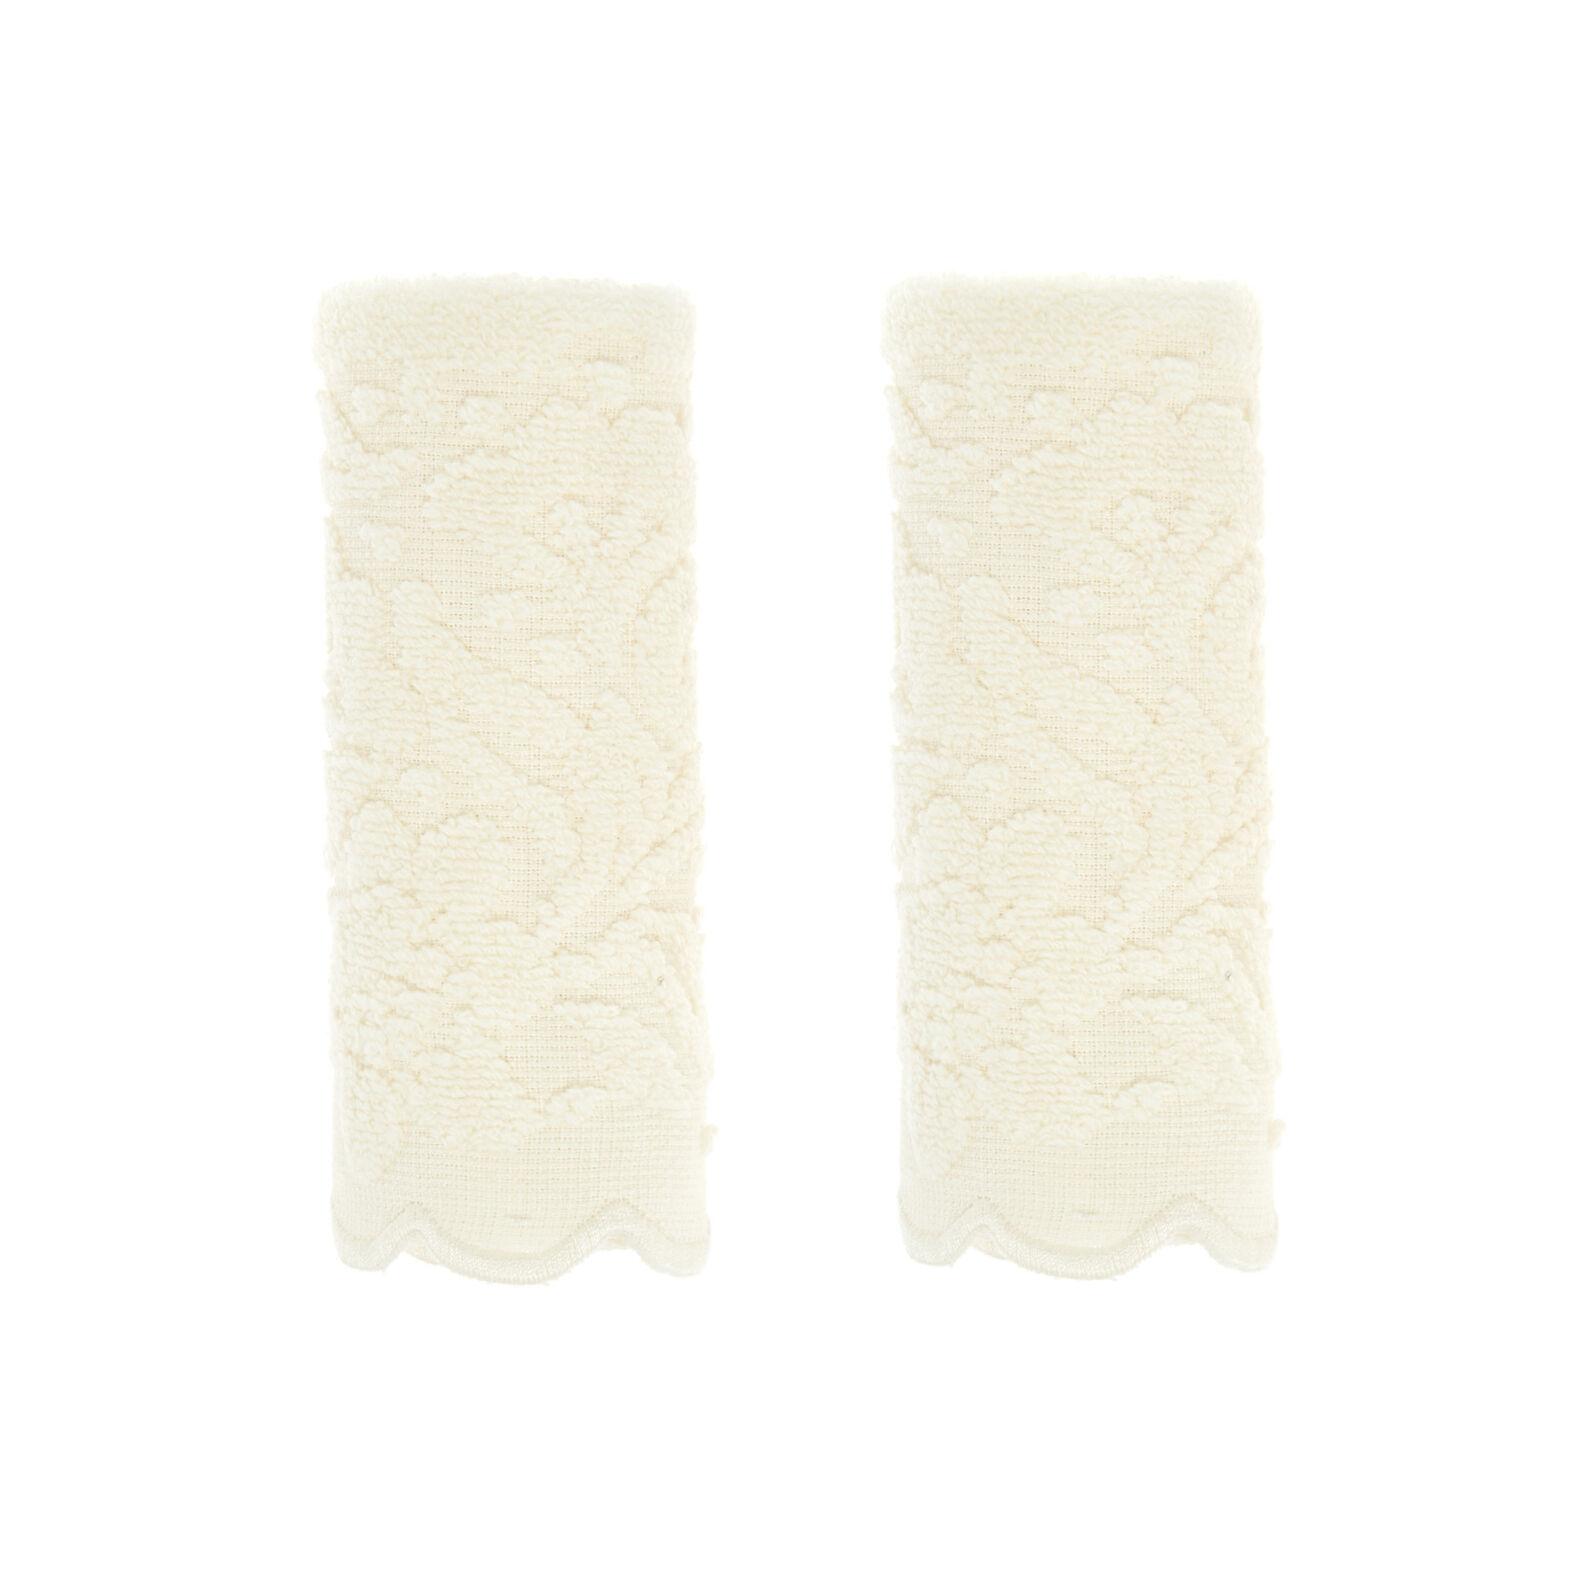 Set 2 lavette puro cotone jacquard